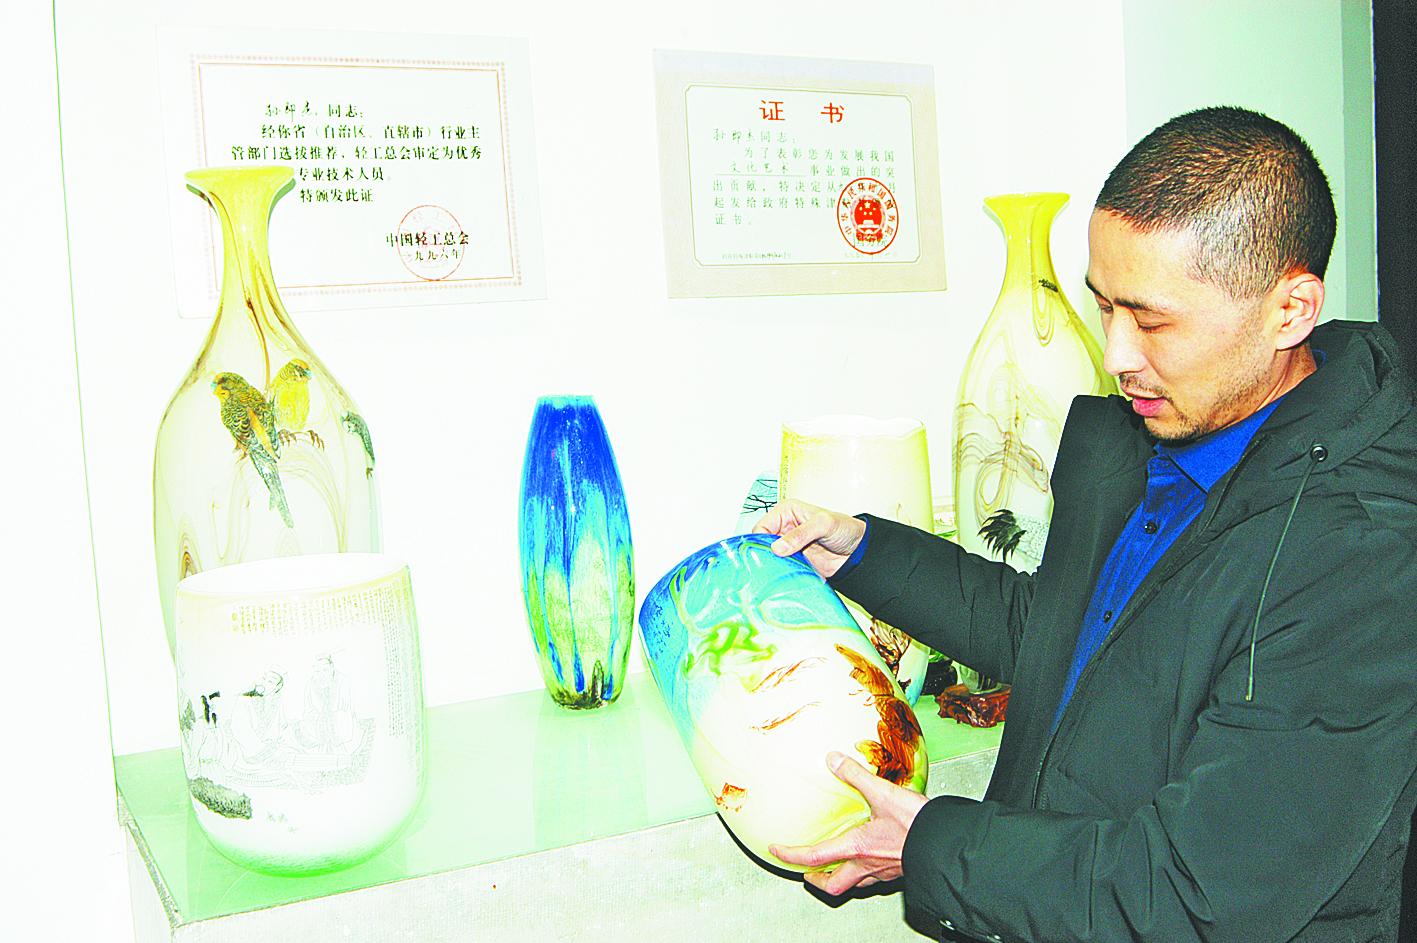 一家五代传技艺 淄博琉璃壁画嵌入北京地铁